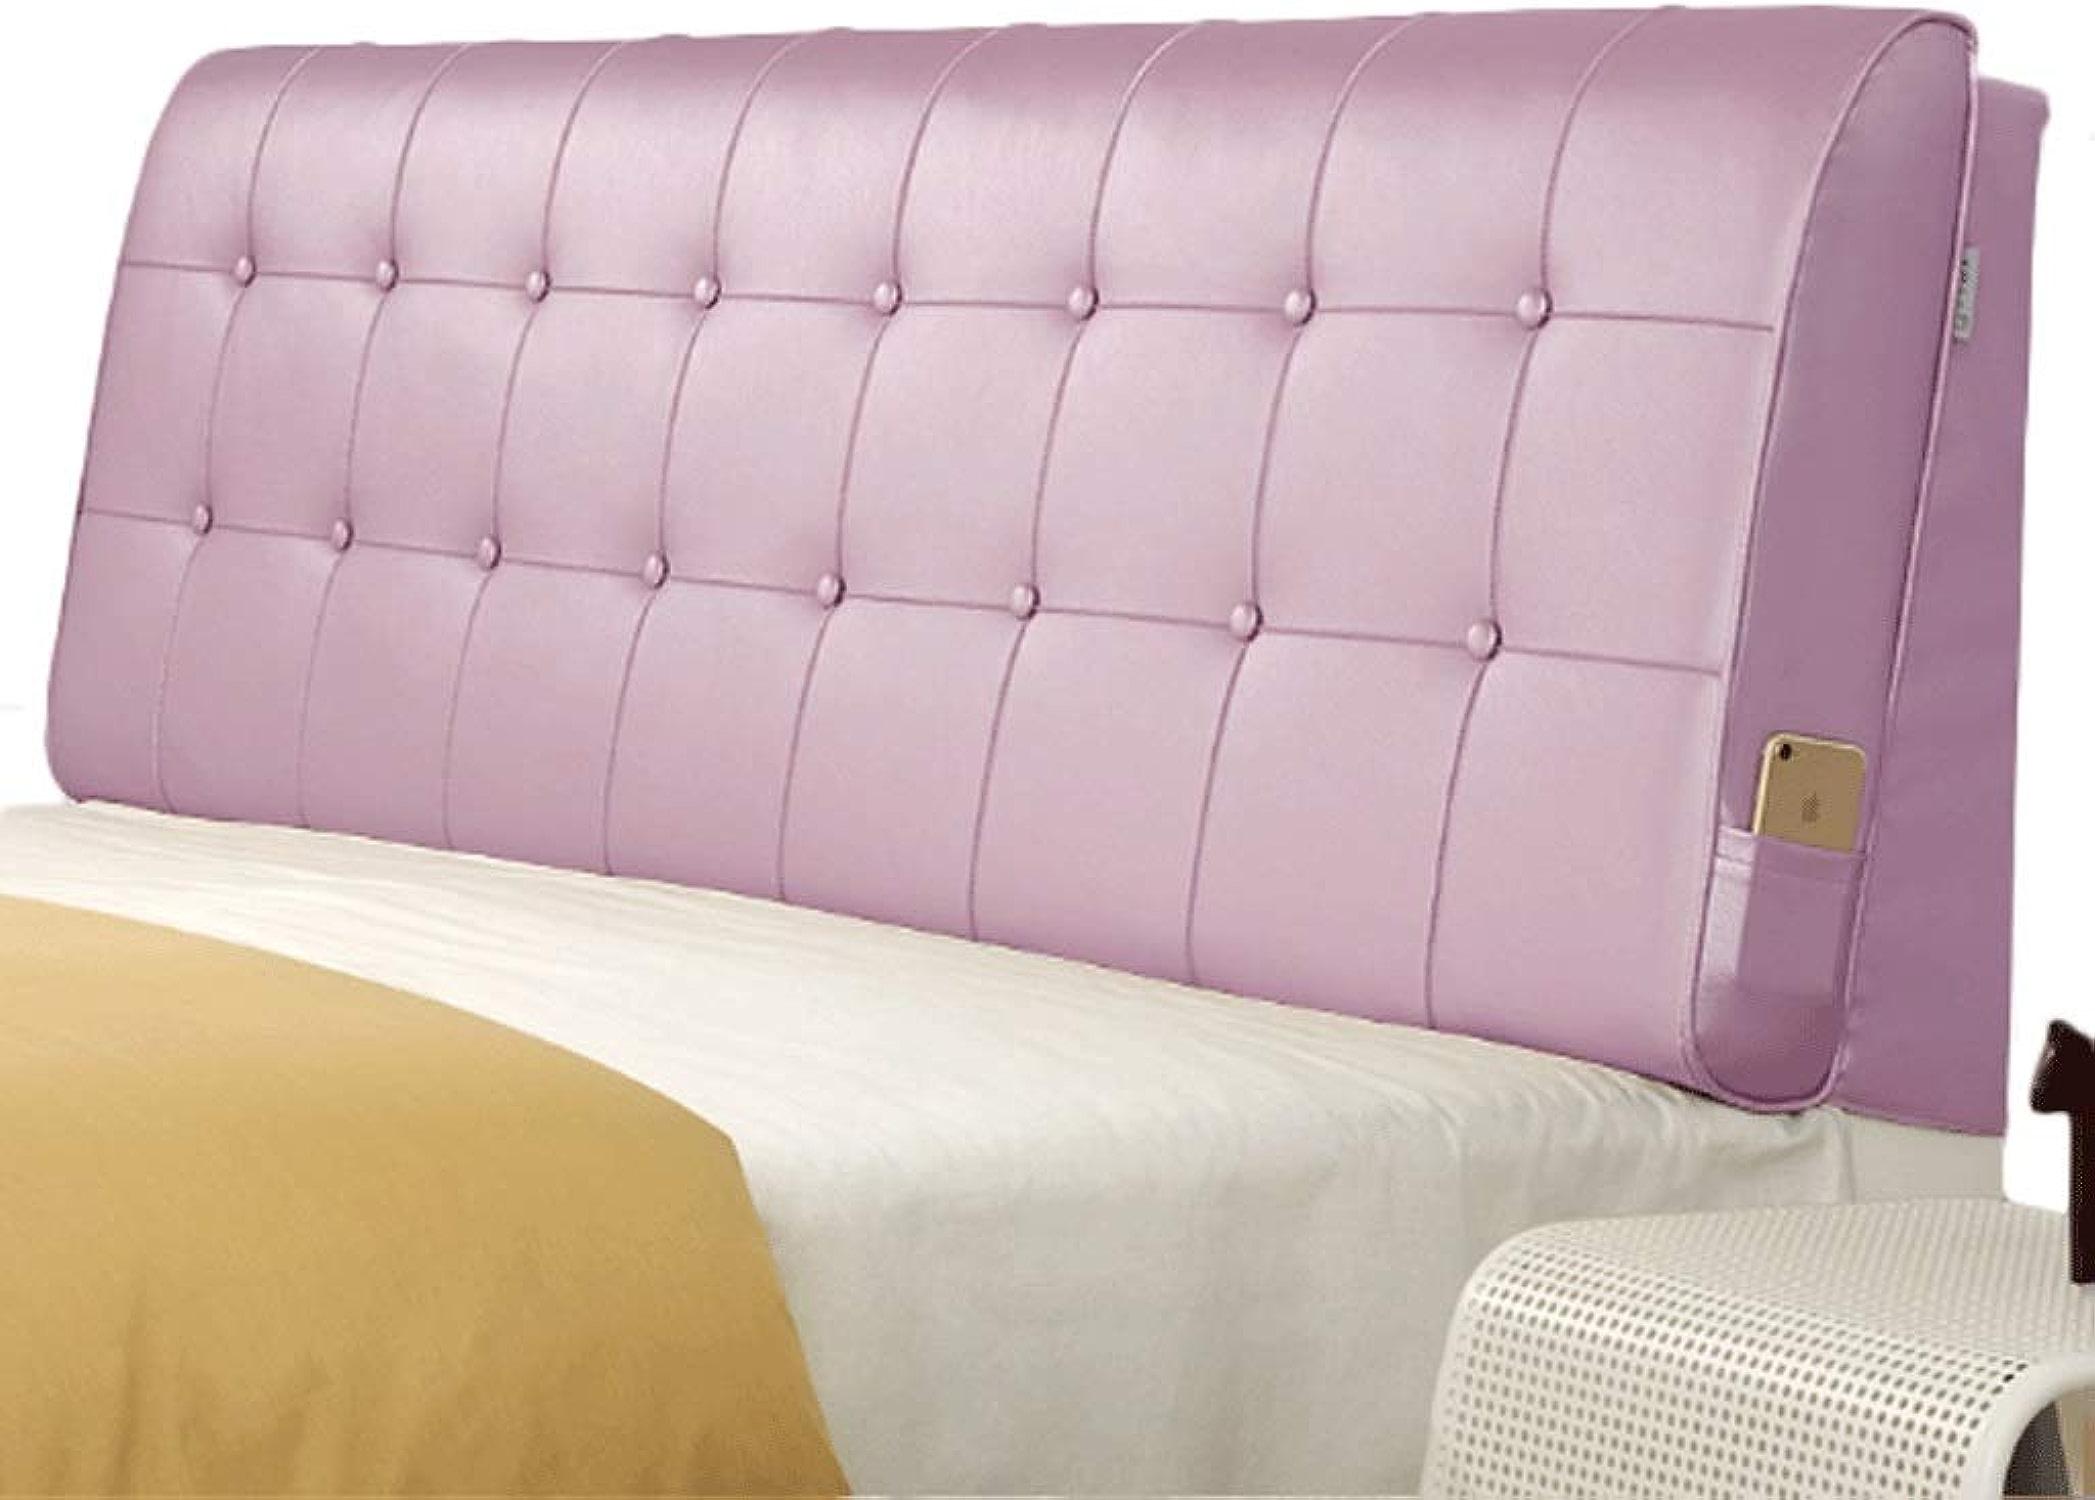 Tête de lit douce Coussin de taille jumeau en cuir de haute qualité Princesse Rose Lit Dossier Support de positionneHommest détachable (Couleur   Rose, taille   With bedside Twin Taille)